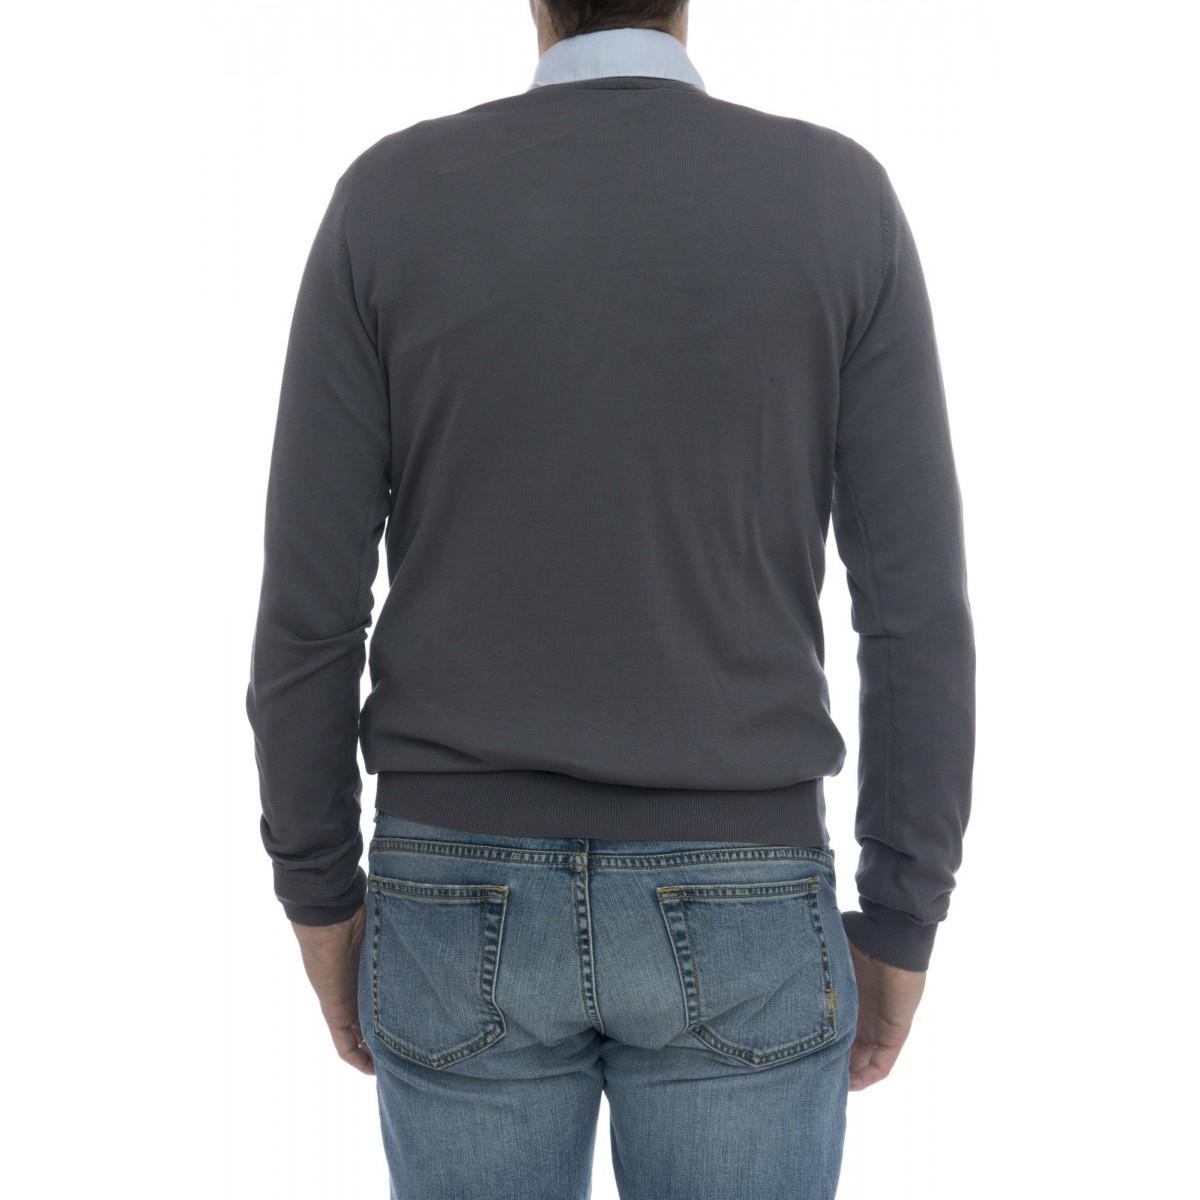 Maglia uomo - 3004/01 maglia cotone seta senza toppa